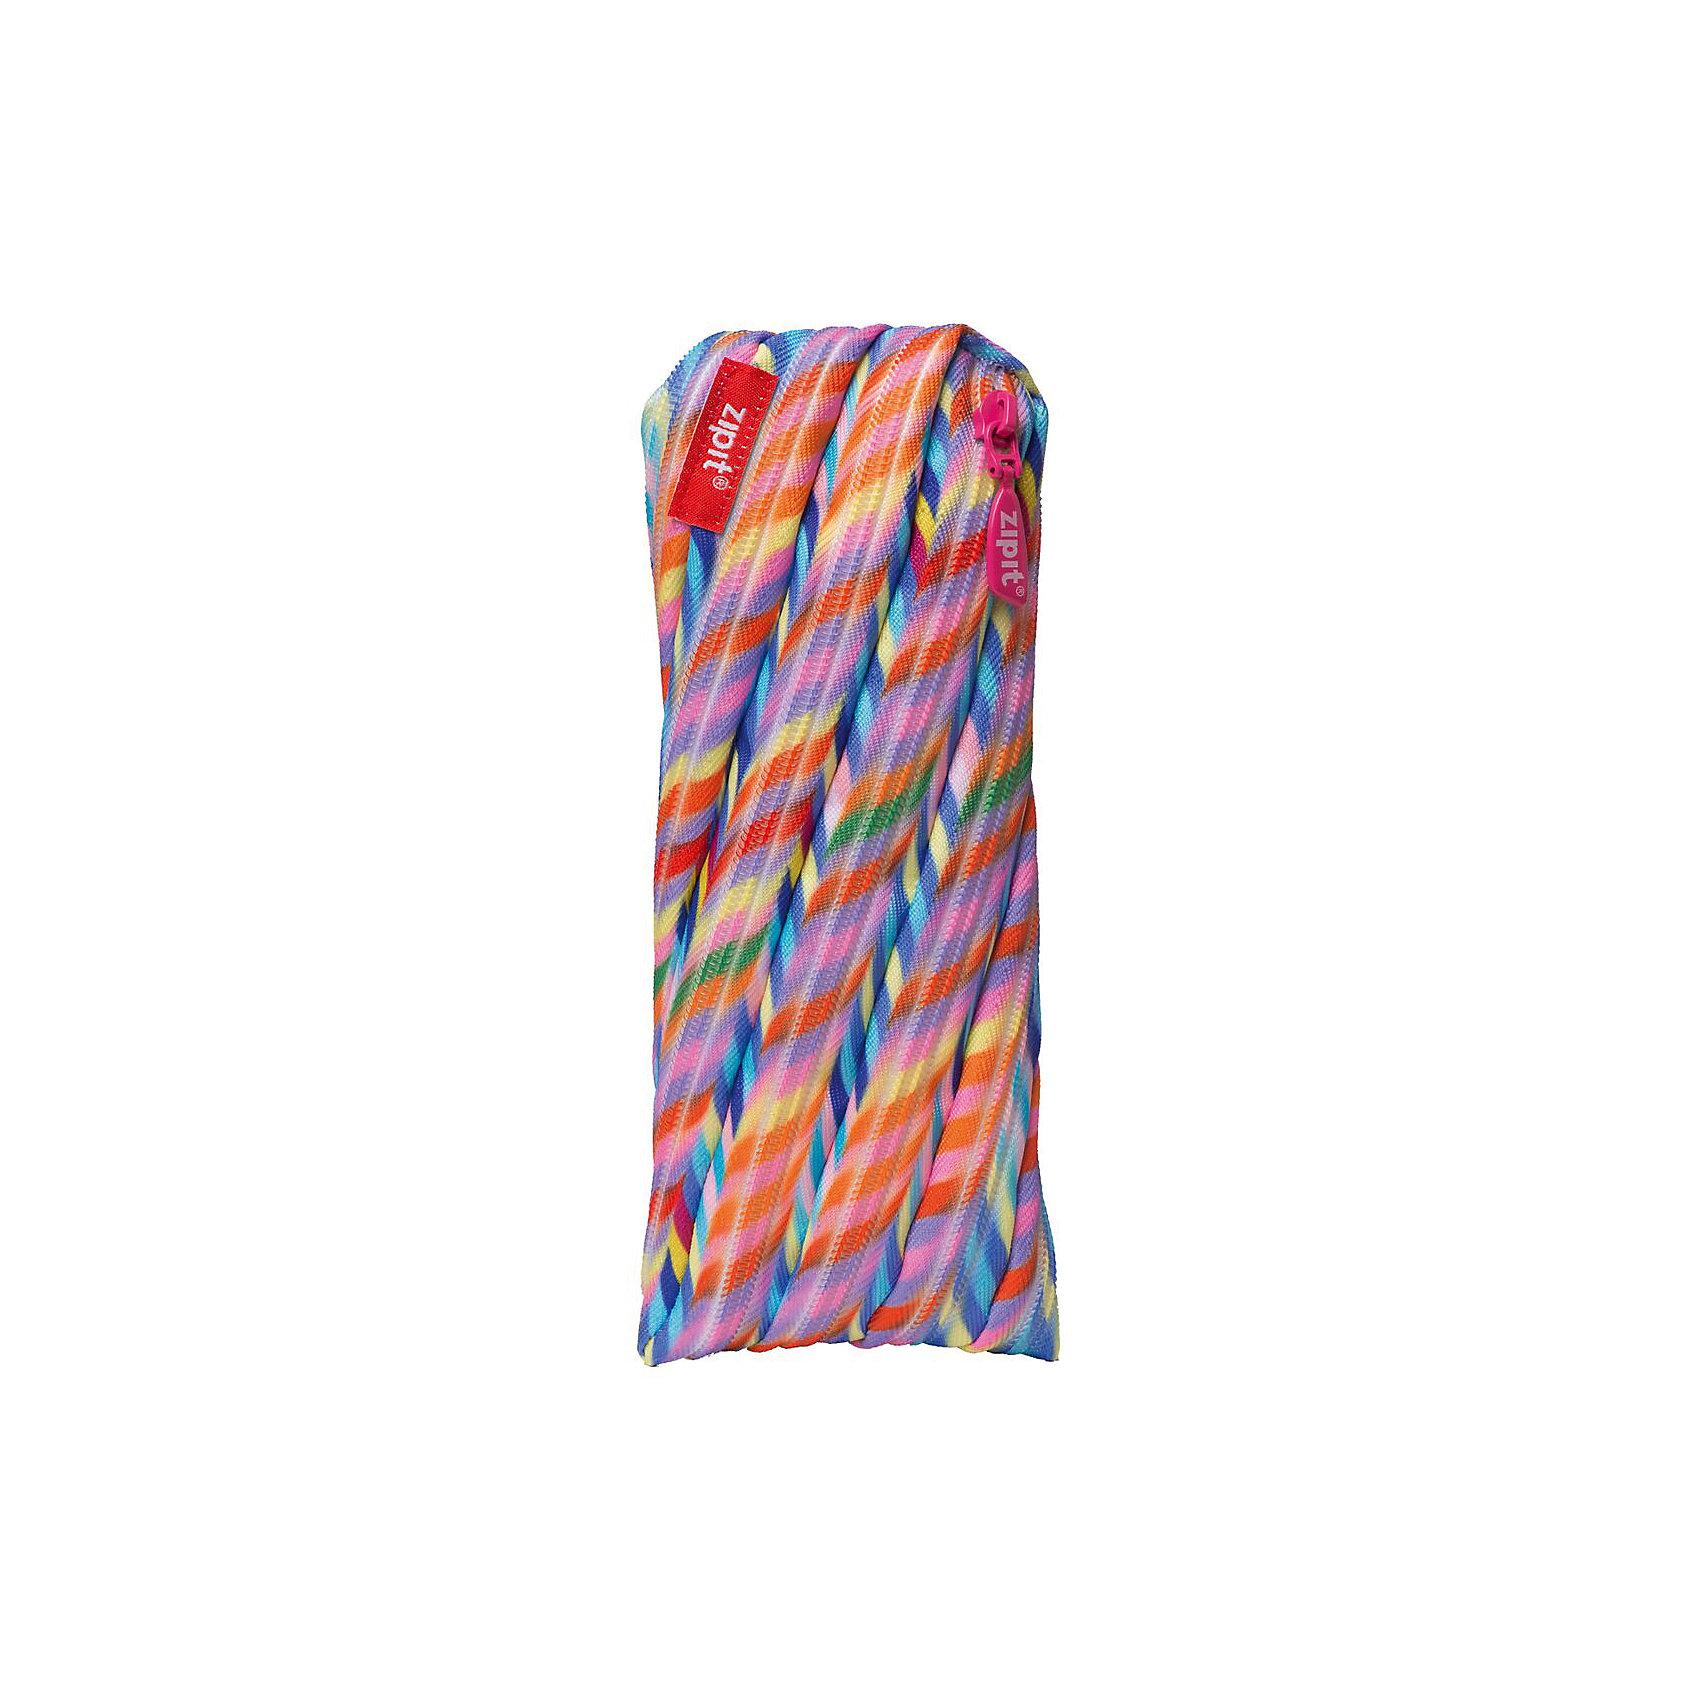 Пенал-сумочка COLORS POUCH, цвет мульти полоскиПеналы без наполнения<br>Вес: 0,1 кг<br>Размер: 22х2х10 см<br>Состав: пенал-сумочка<br>Наличие светоотражающих элементов: нет<br>Материал: полиэстер<br><br>Ширина мм: 220<br>Глубина мм: 20<br>Высота мм: 100<br>Вес г: 100<br>Возраст от месяцев: 36<br>Возраст до месяцев: 720<br>Пол: Унисекс<br>Возраст: Детский<br>SKU: 7054167